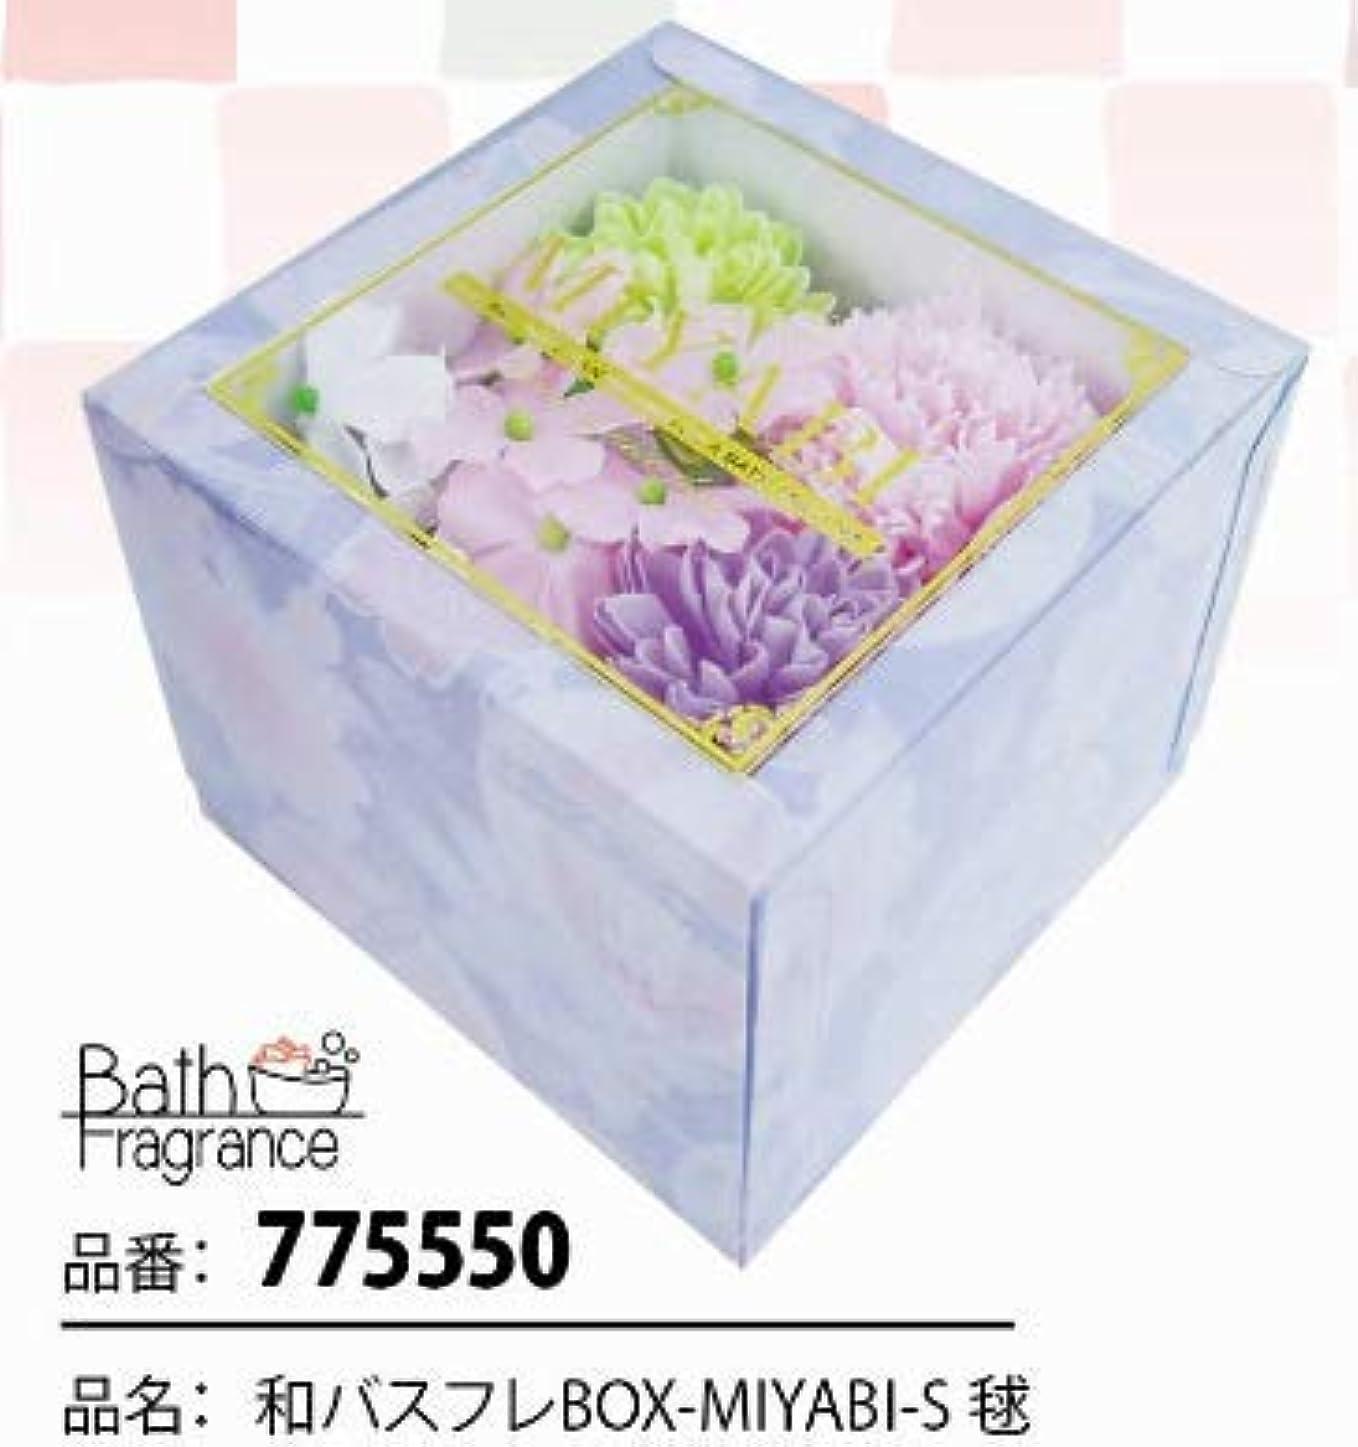 ブレーキフィッティング満了花のカタチの入浴剤 和バスフレBOX-MIYABI-S毬 775550